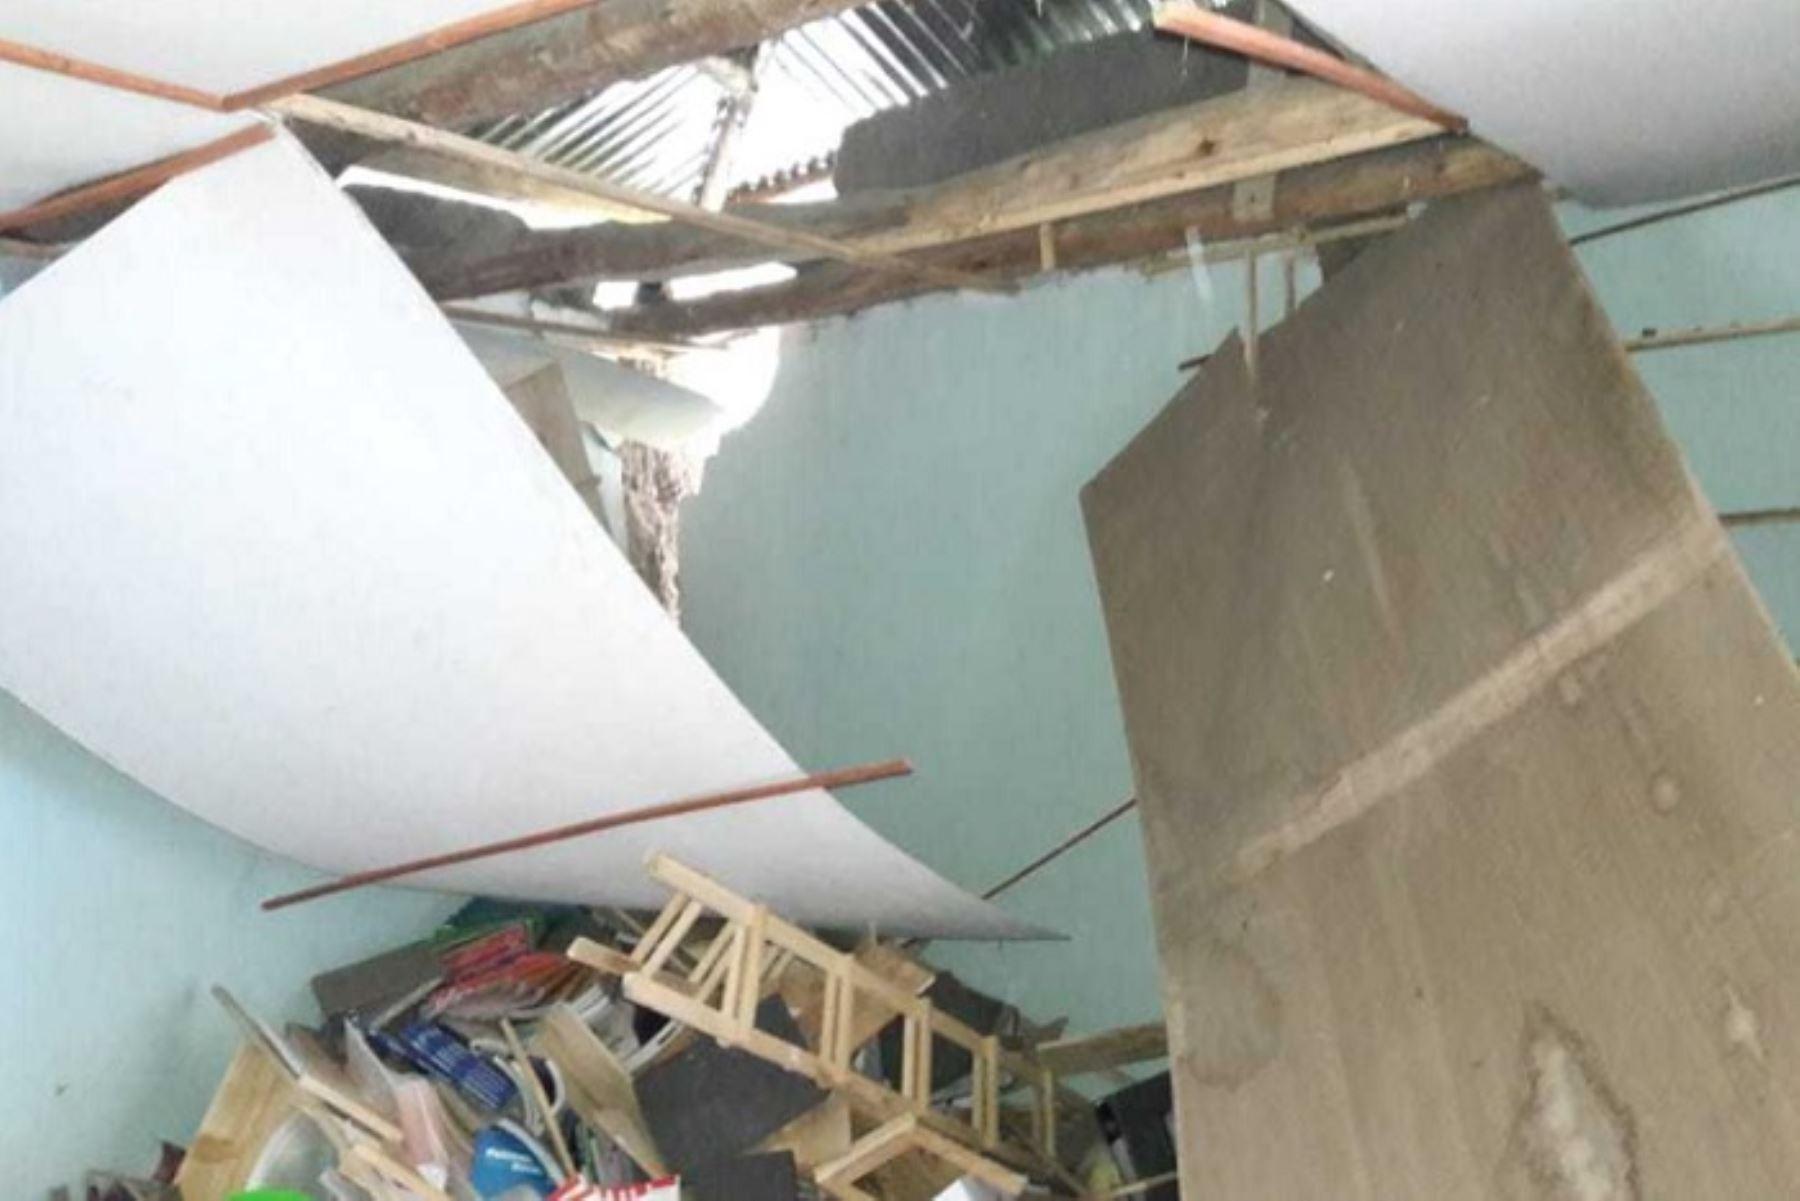 Al menos 35 viviendas, 57 instituciones educativas y una comisaría resultaron afectadas en la región La Libertad, a causa del sismo de magnitud 8.0 ocurrido en el distrito de Lagunas, provincia de Alto Amazonas, informó el Centro de Operaciones de Emergencia Regional (COER) La Libertad.